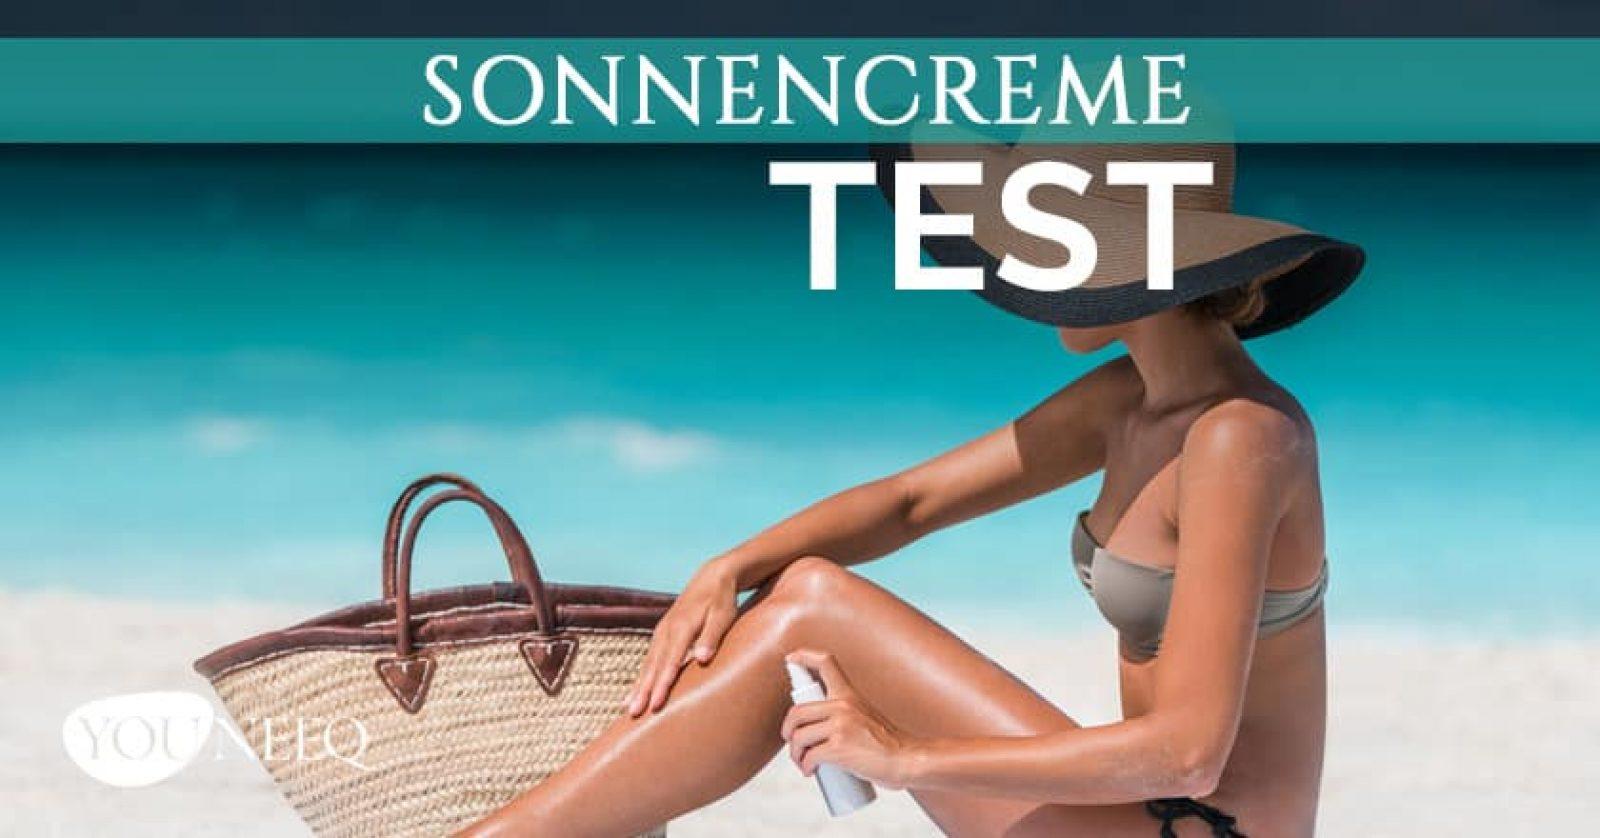 Sonnencreme Test - welche ist die beste Sonnencreme?